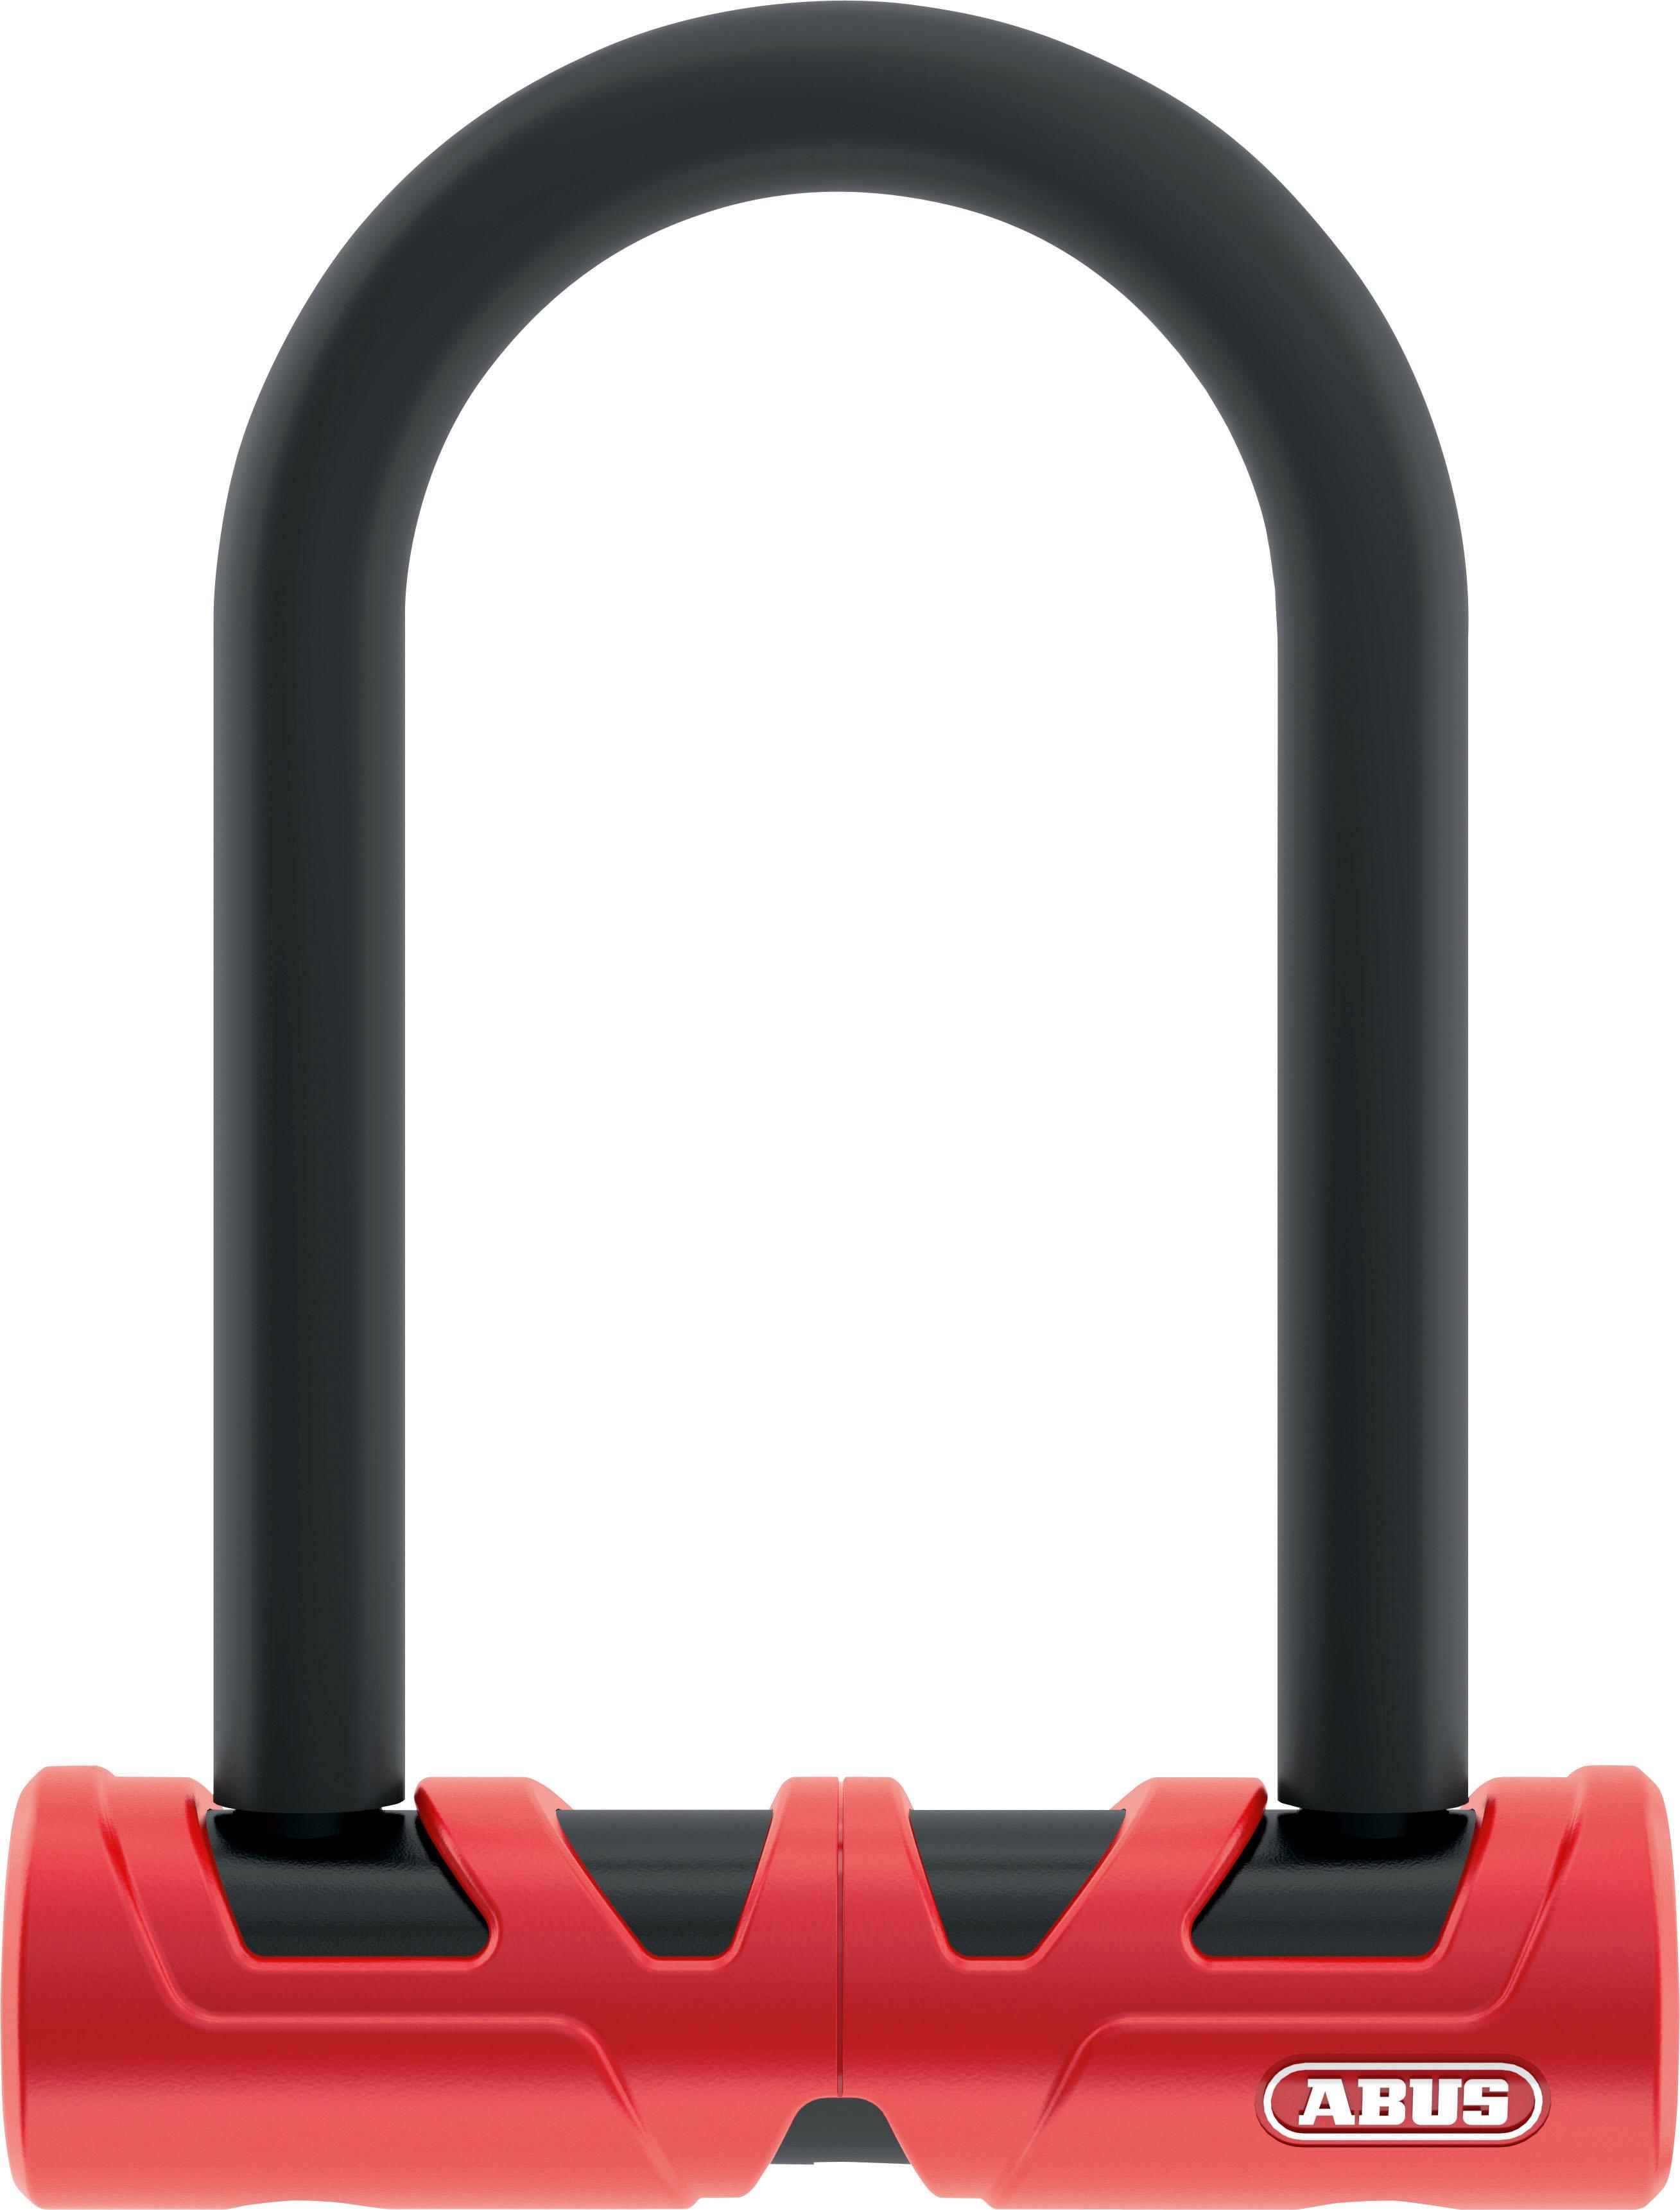 ABUS Bügelschloss 420/150HB140+USH+10/120 Ultimate Technik & Freizeit/Sport & Freizeit/Fahrräder & Zubehör/Fahrradzubehör/Fahrradschlösser/Bügelschlösser